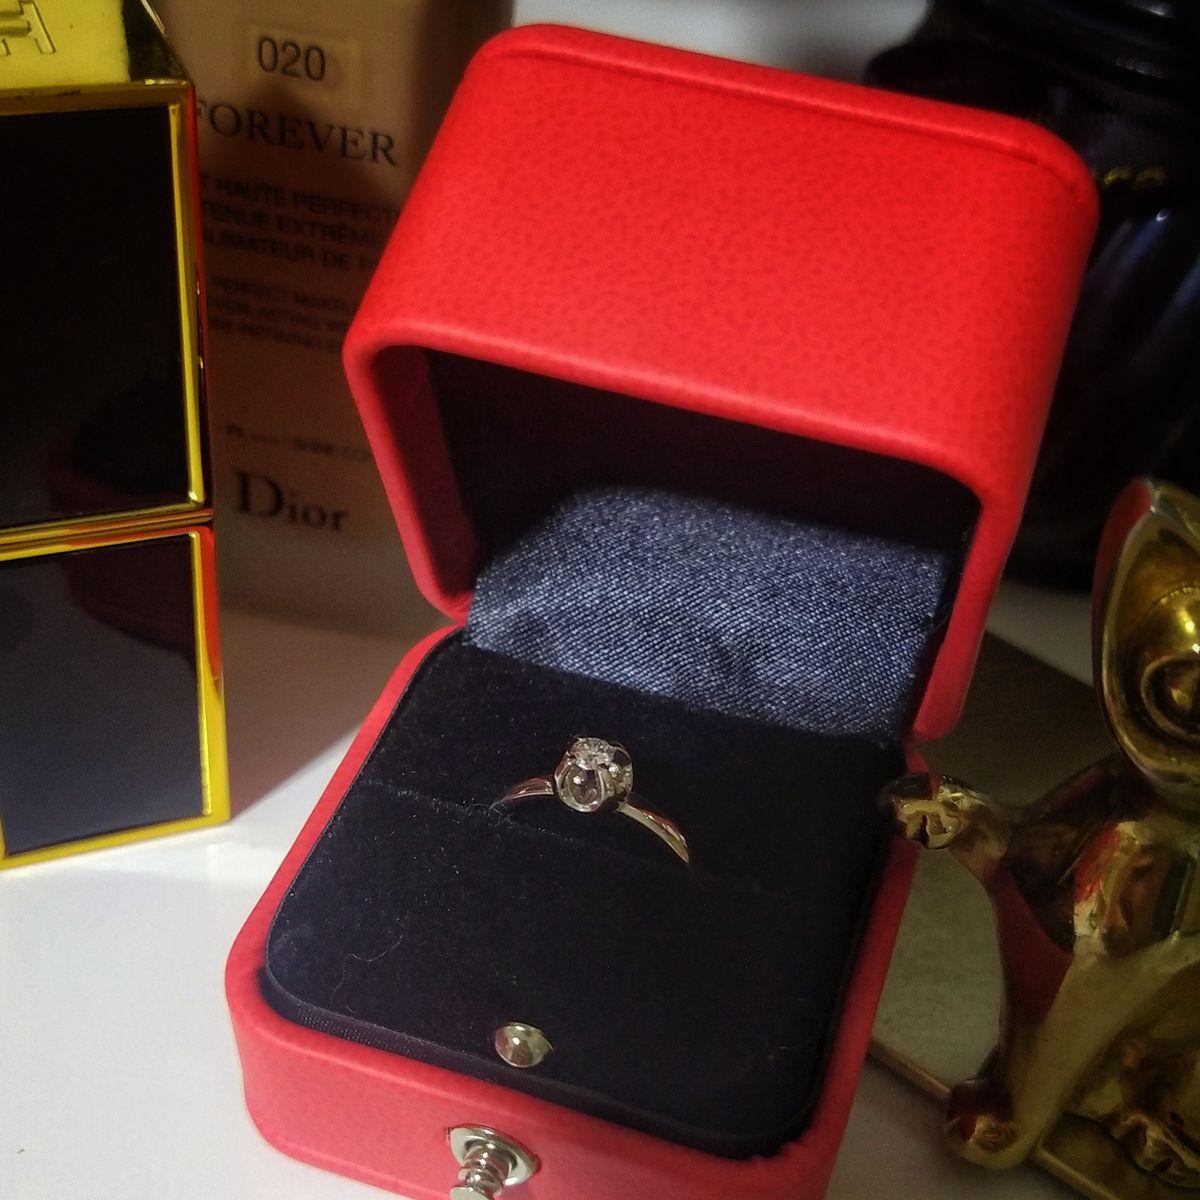 Неплохое кольцо, красивый камень